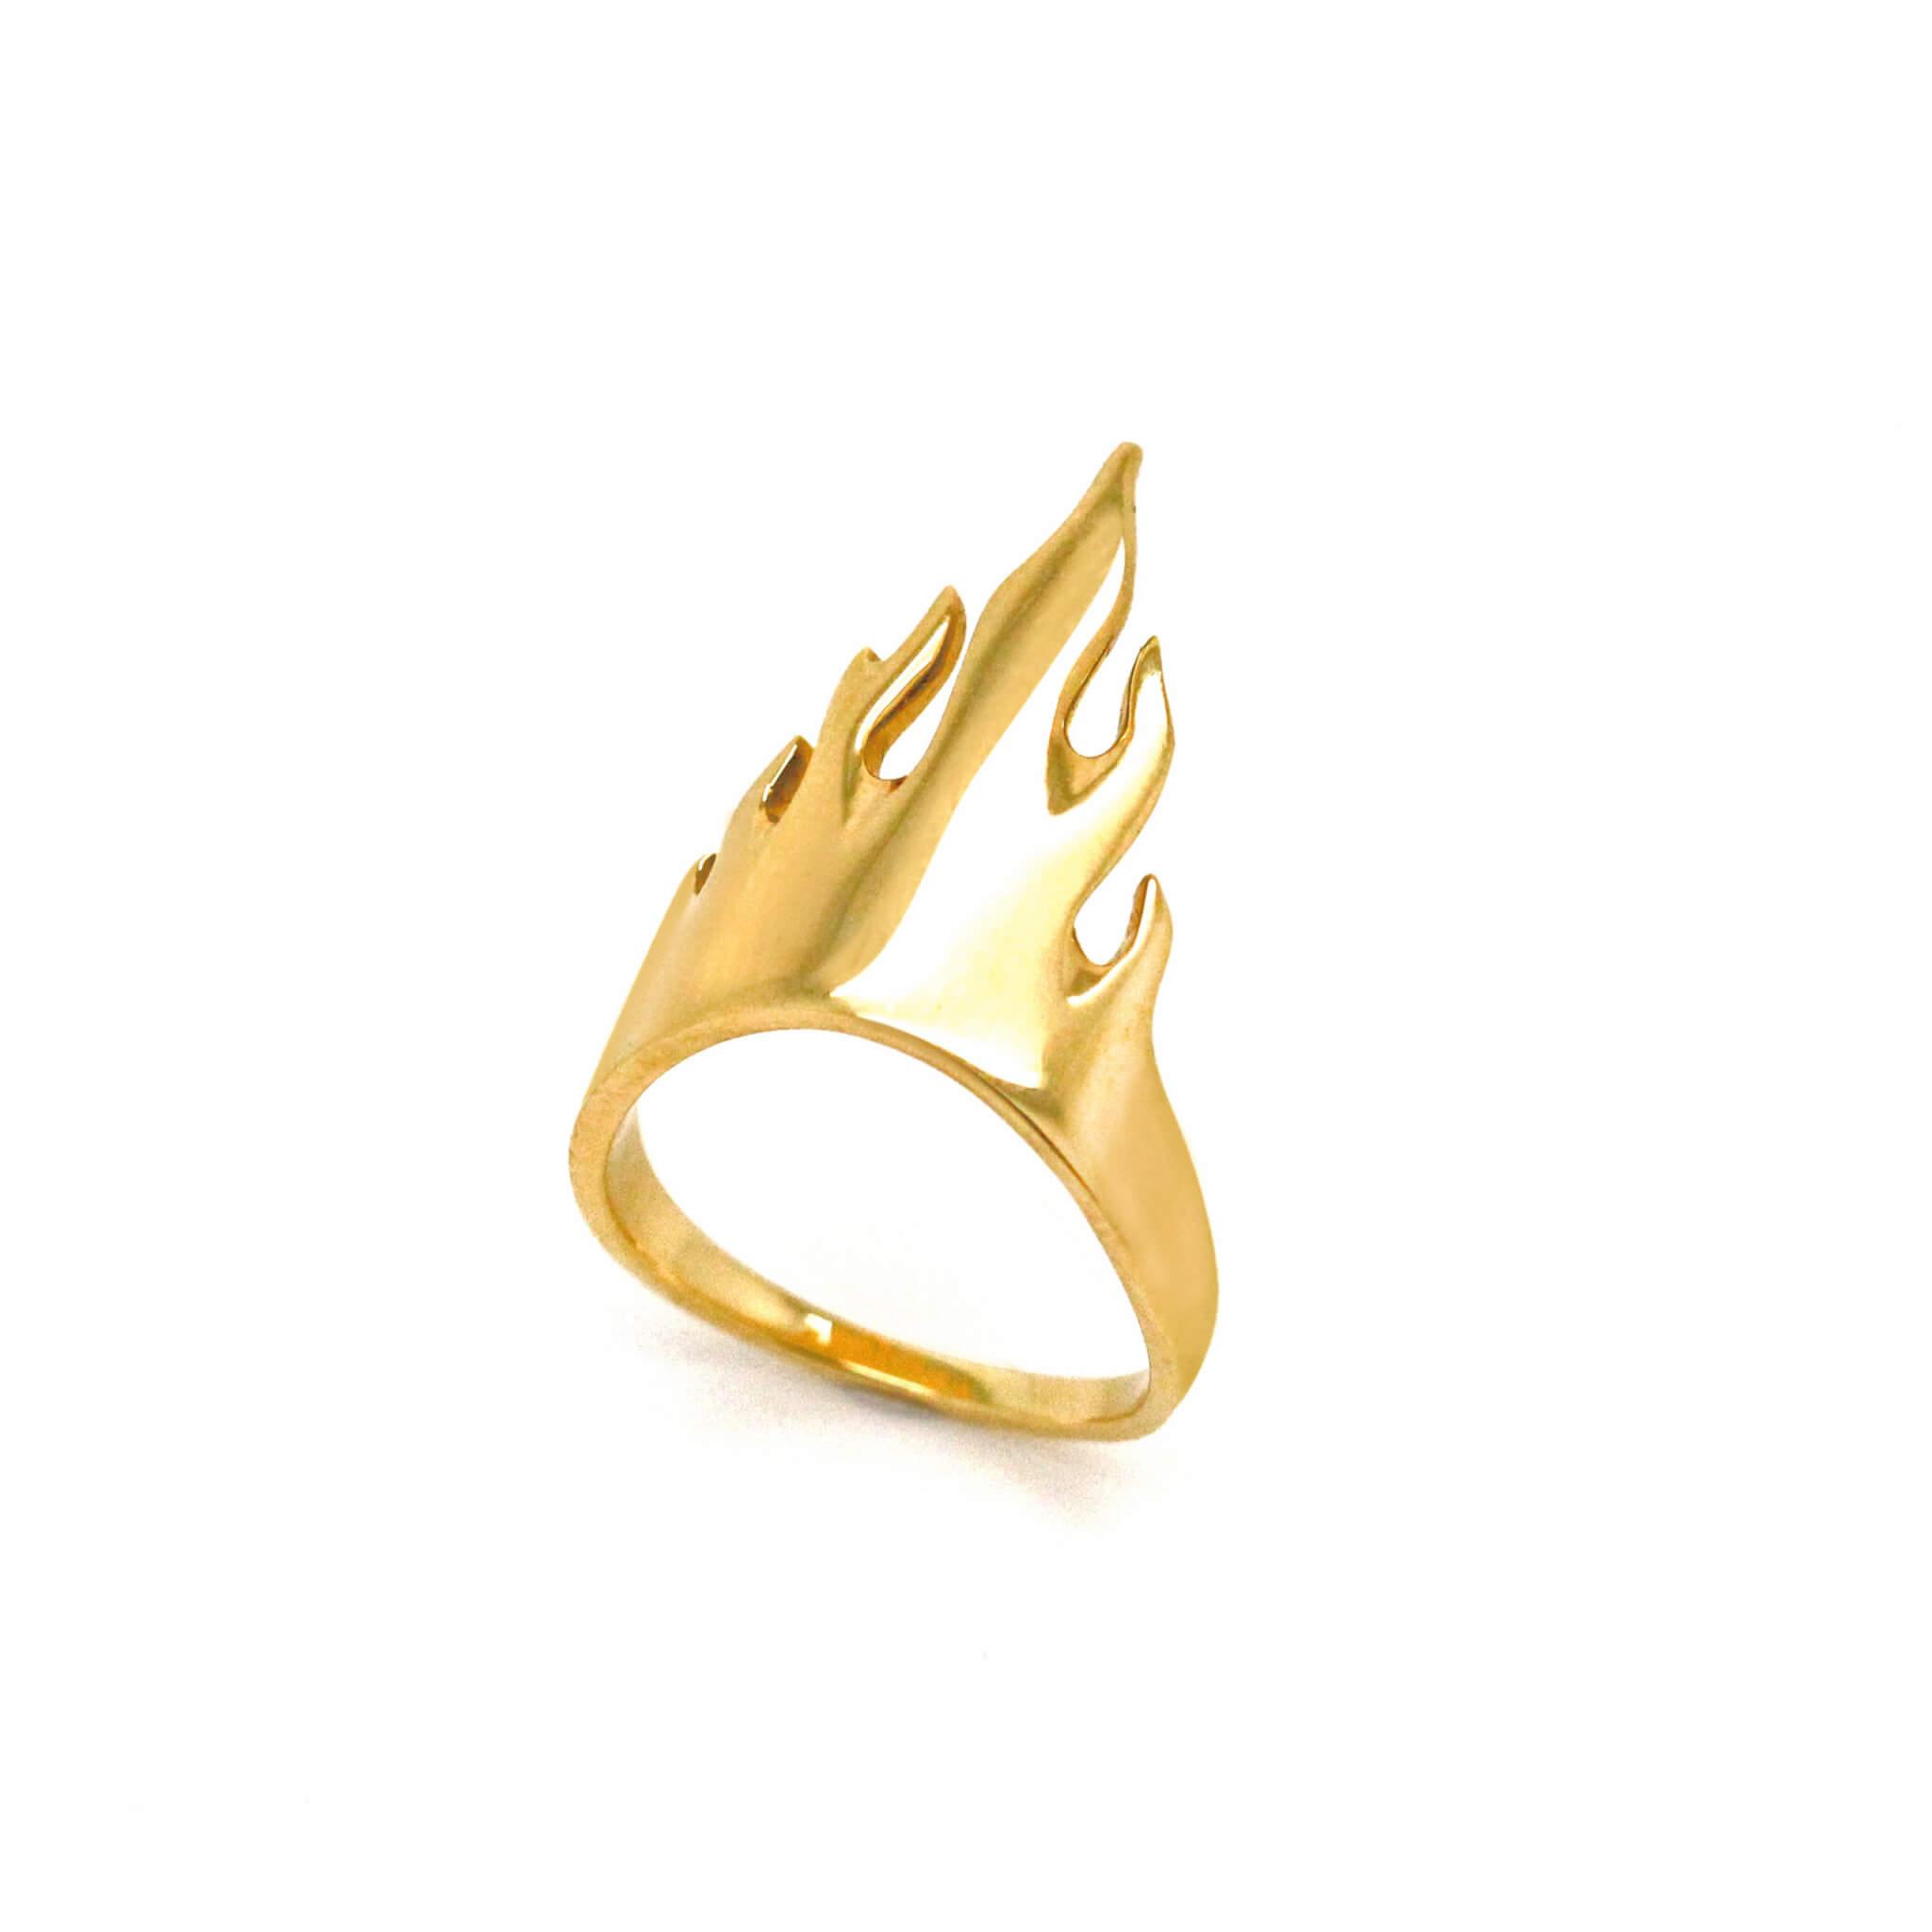 Flamme bague or jaune